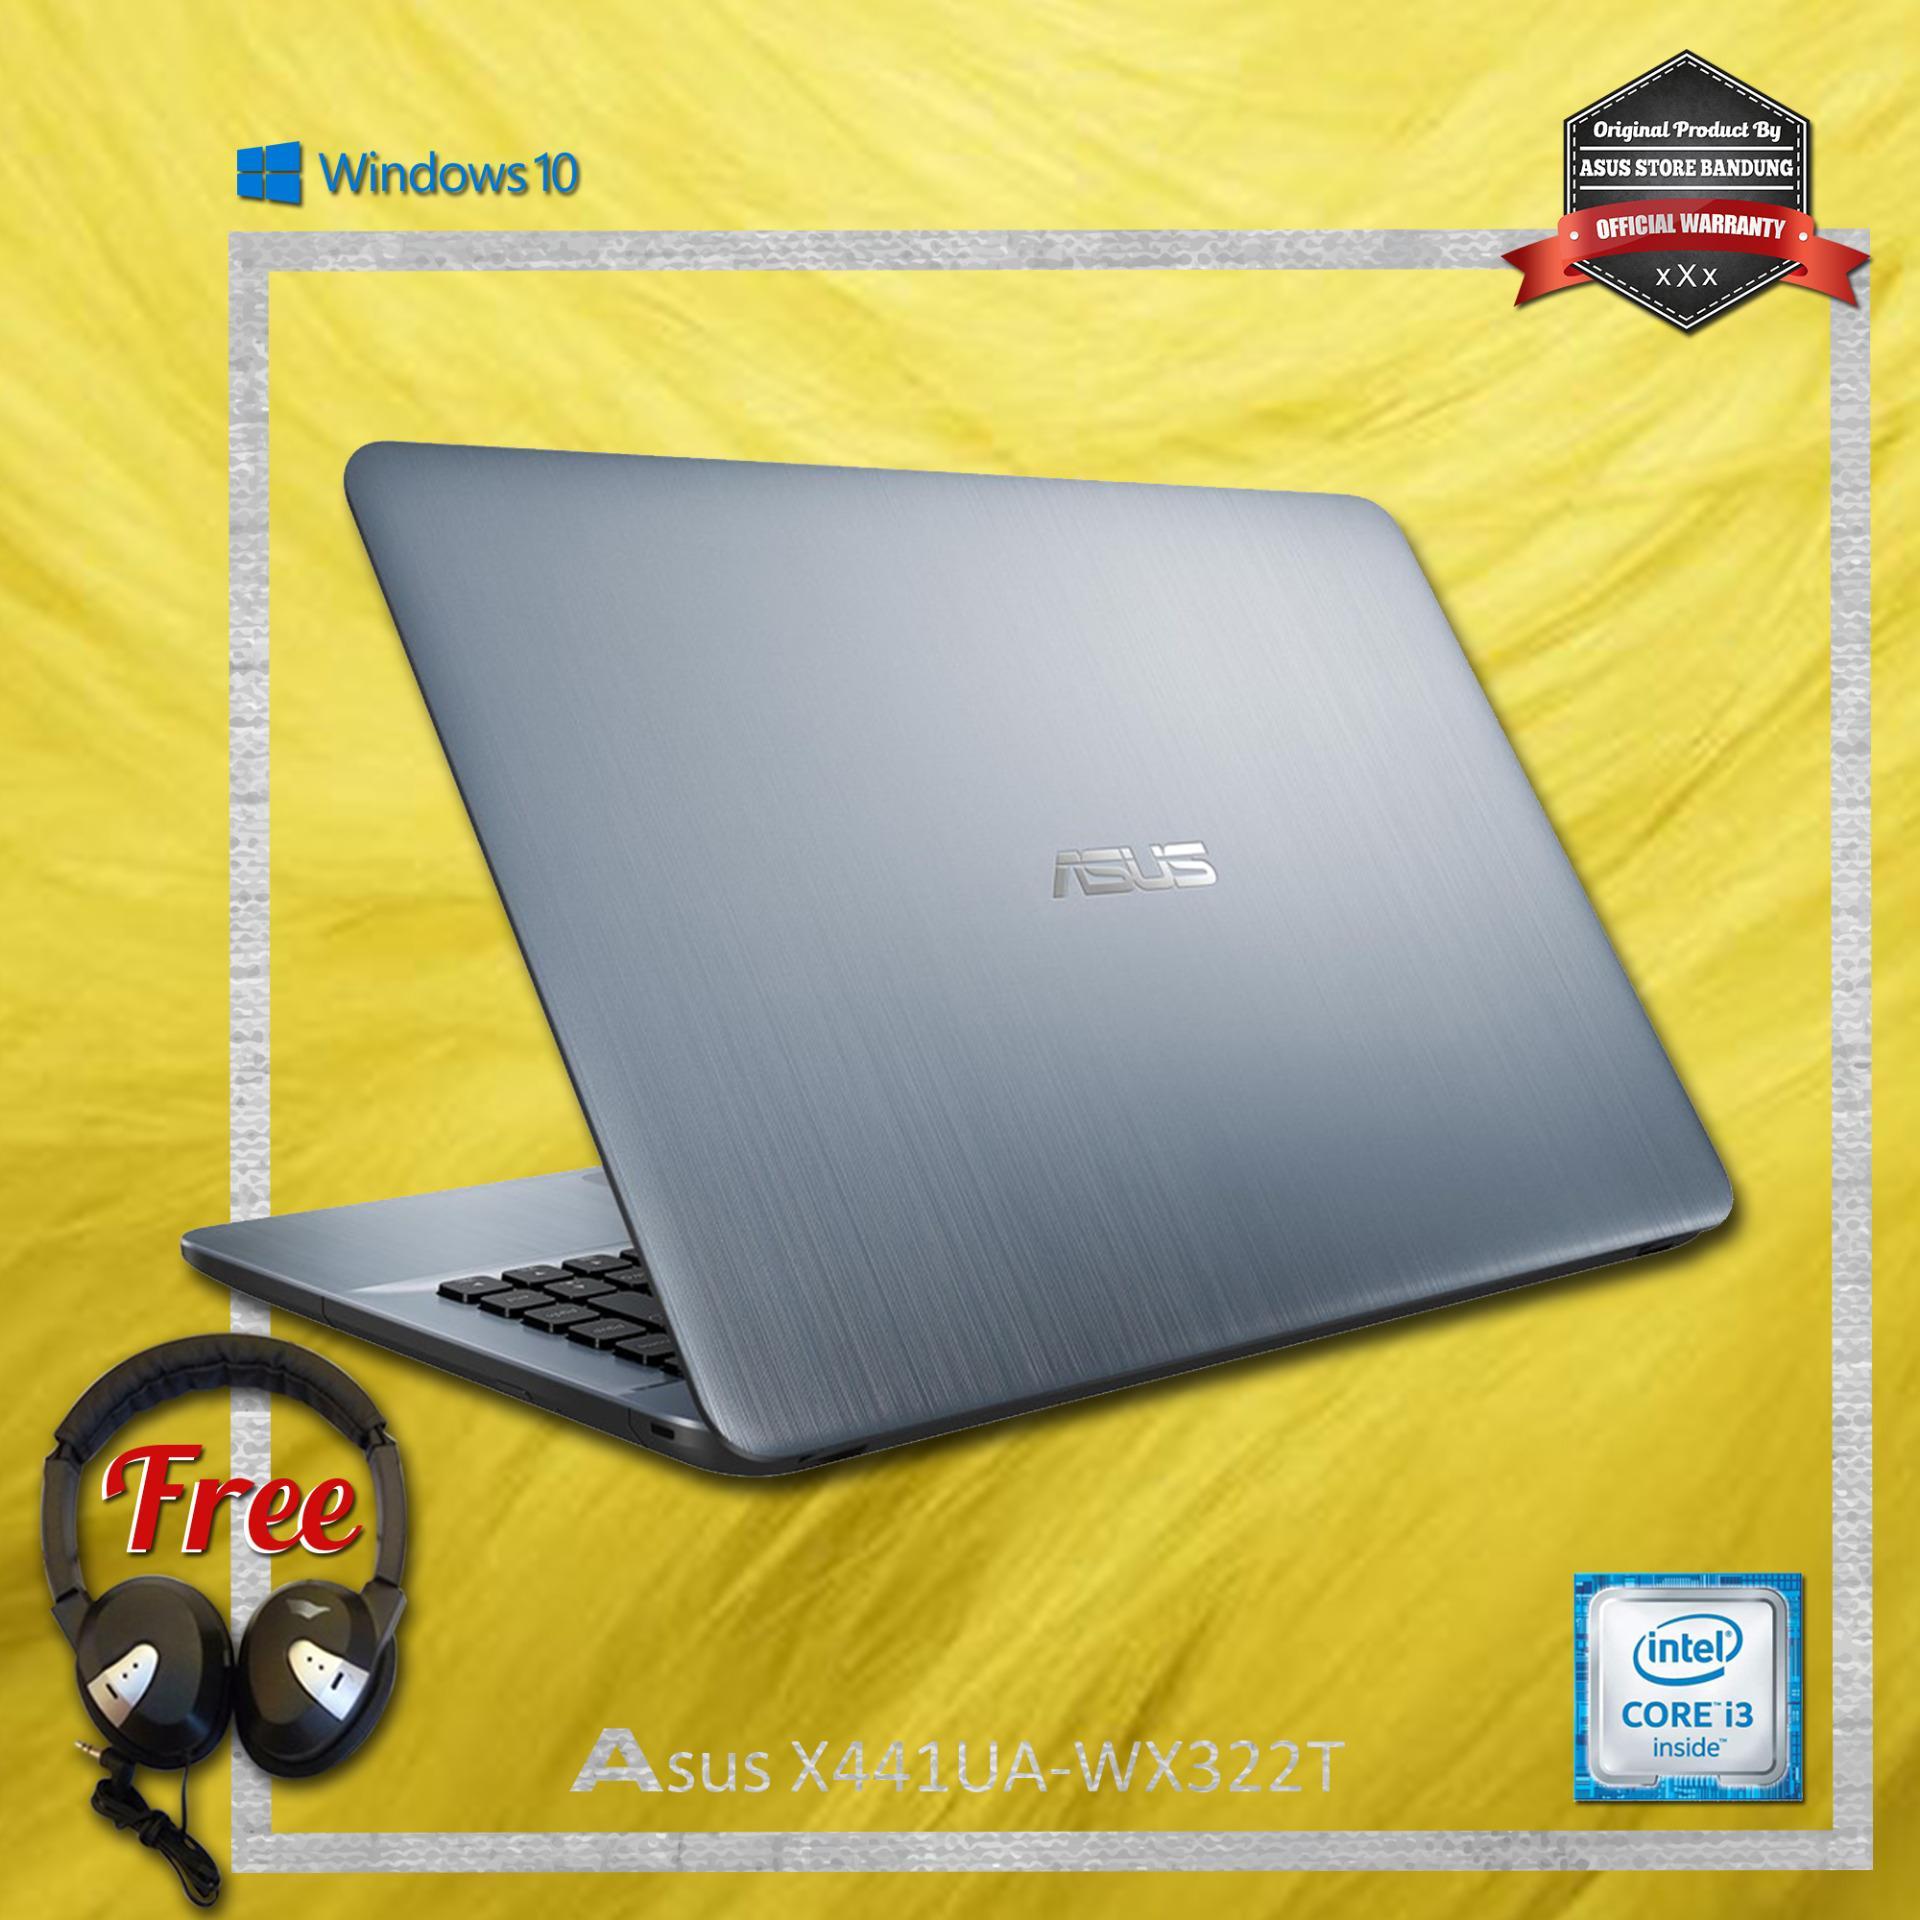 Asus Vivobook Max X441UA-WX322T 14.0